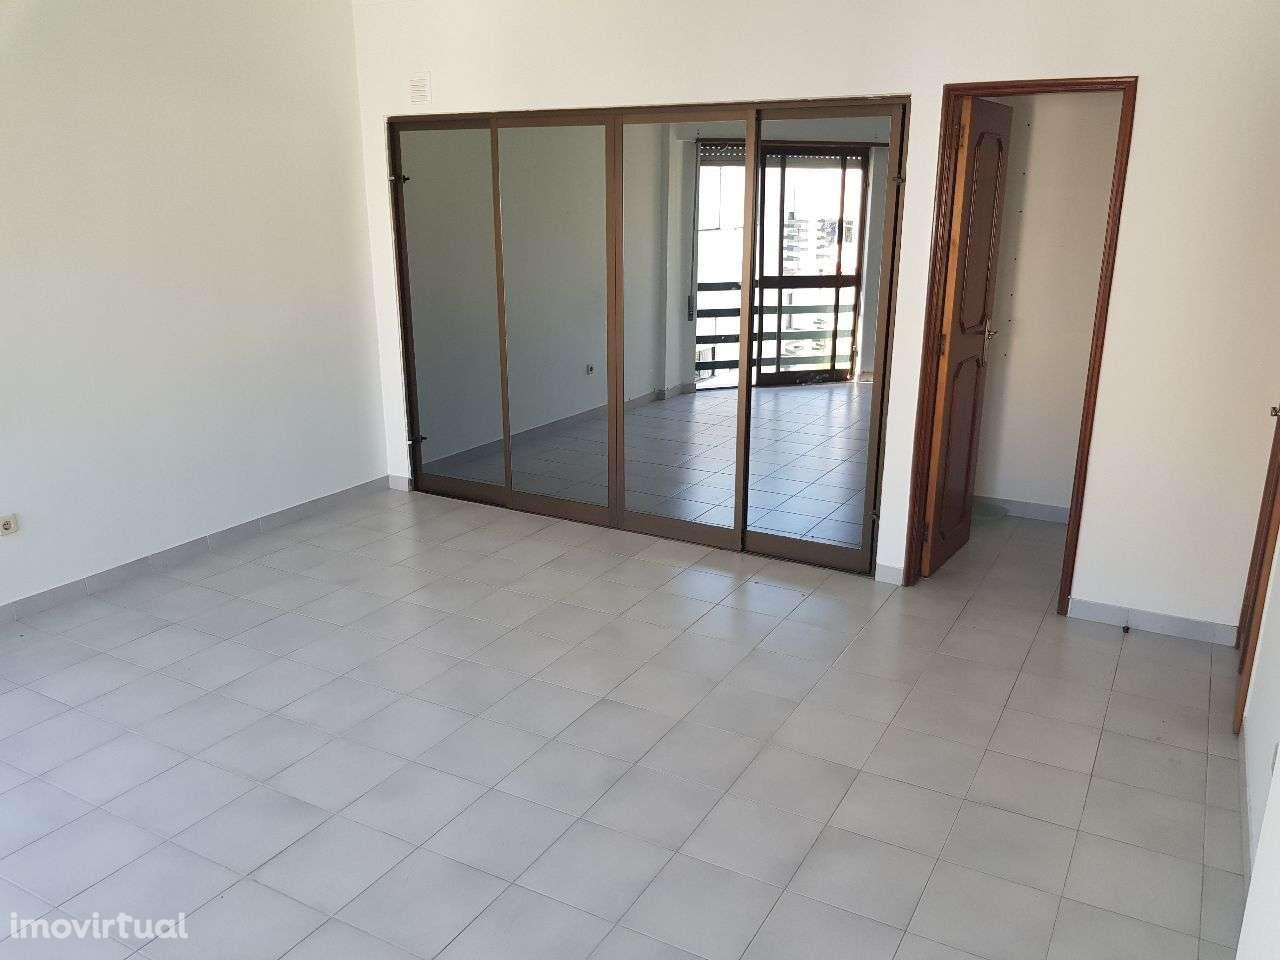 Apartamento para arrendar, Santarém (Marvila), Santa Iria da Ribeira de Santarém, Santarém (São Salvador) e Santarém (São Nicolau), Santarém - Foto 3